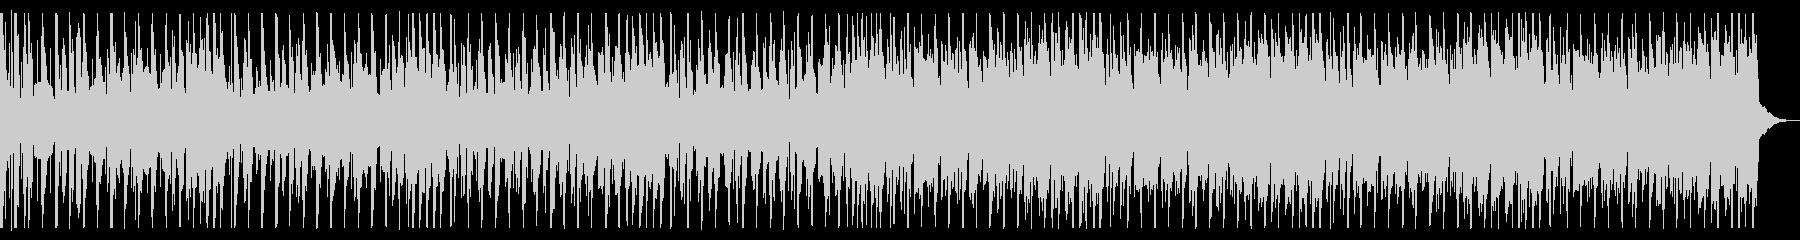 近未来的サイバーBGM_No622_3の未再生の波形